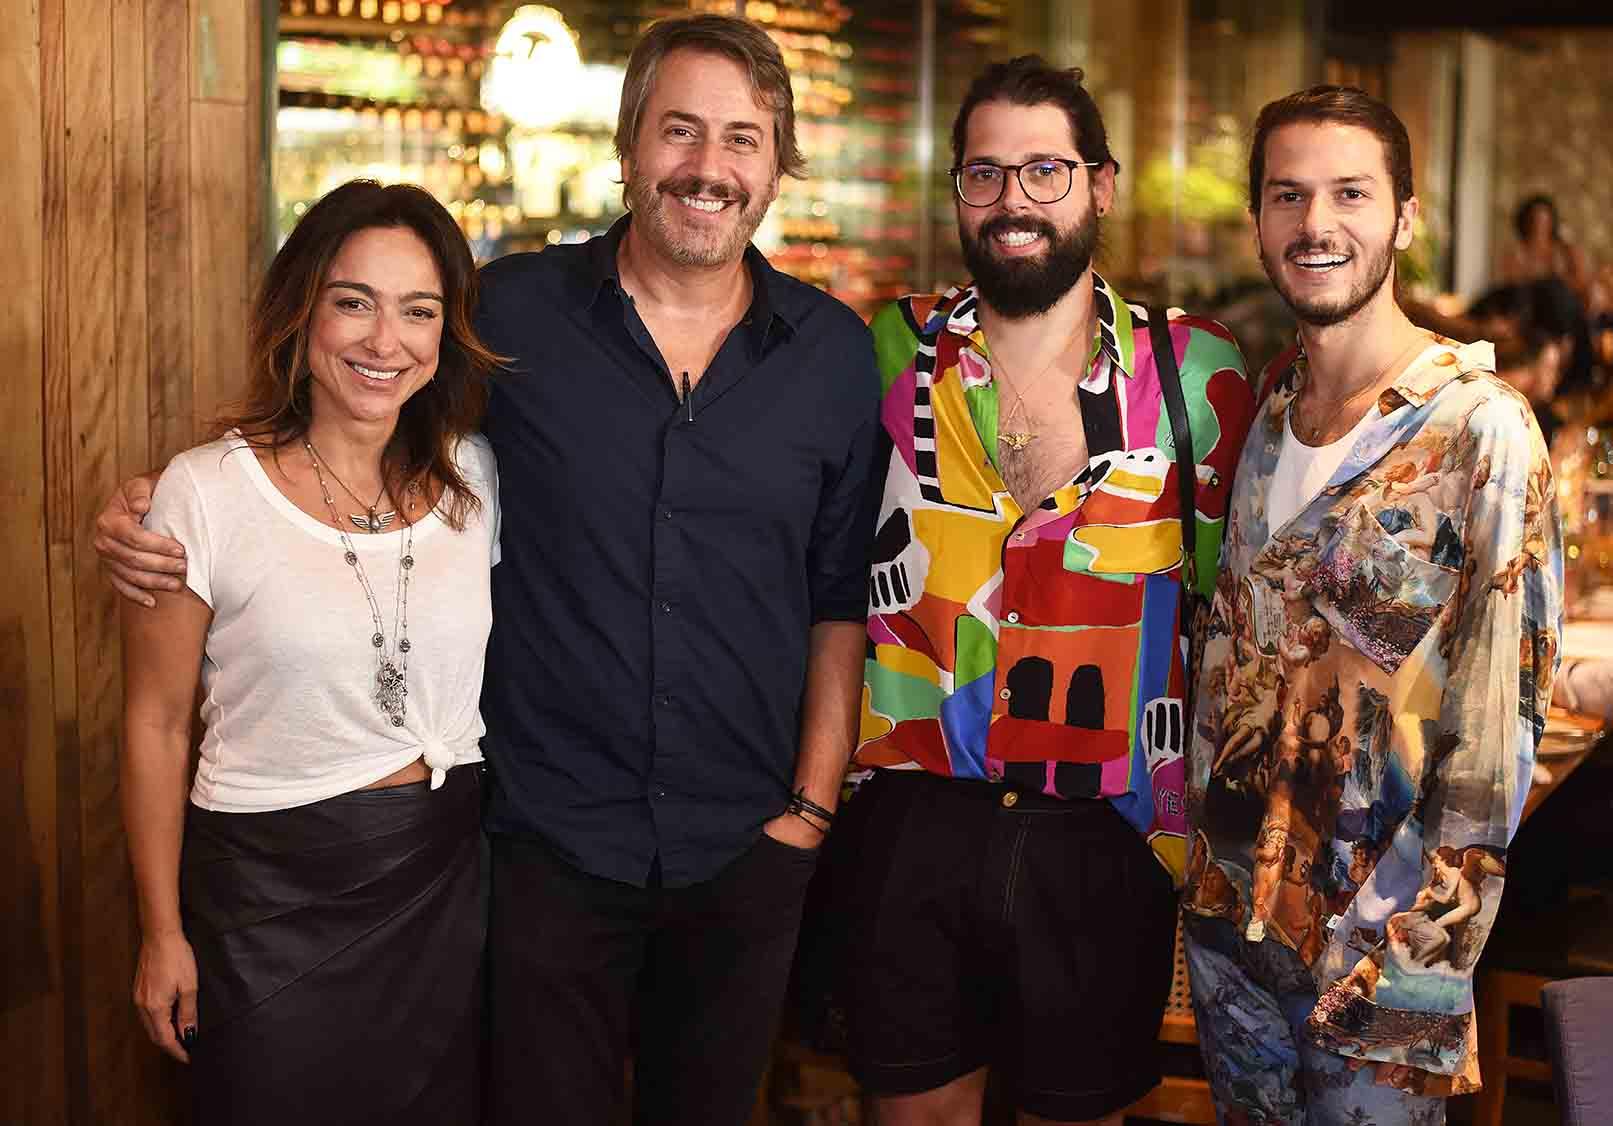 Breton reúne convidados em tarde de preview da ArtRio